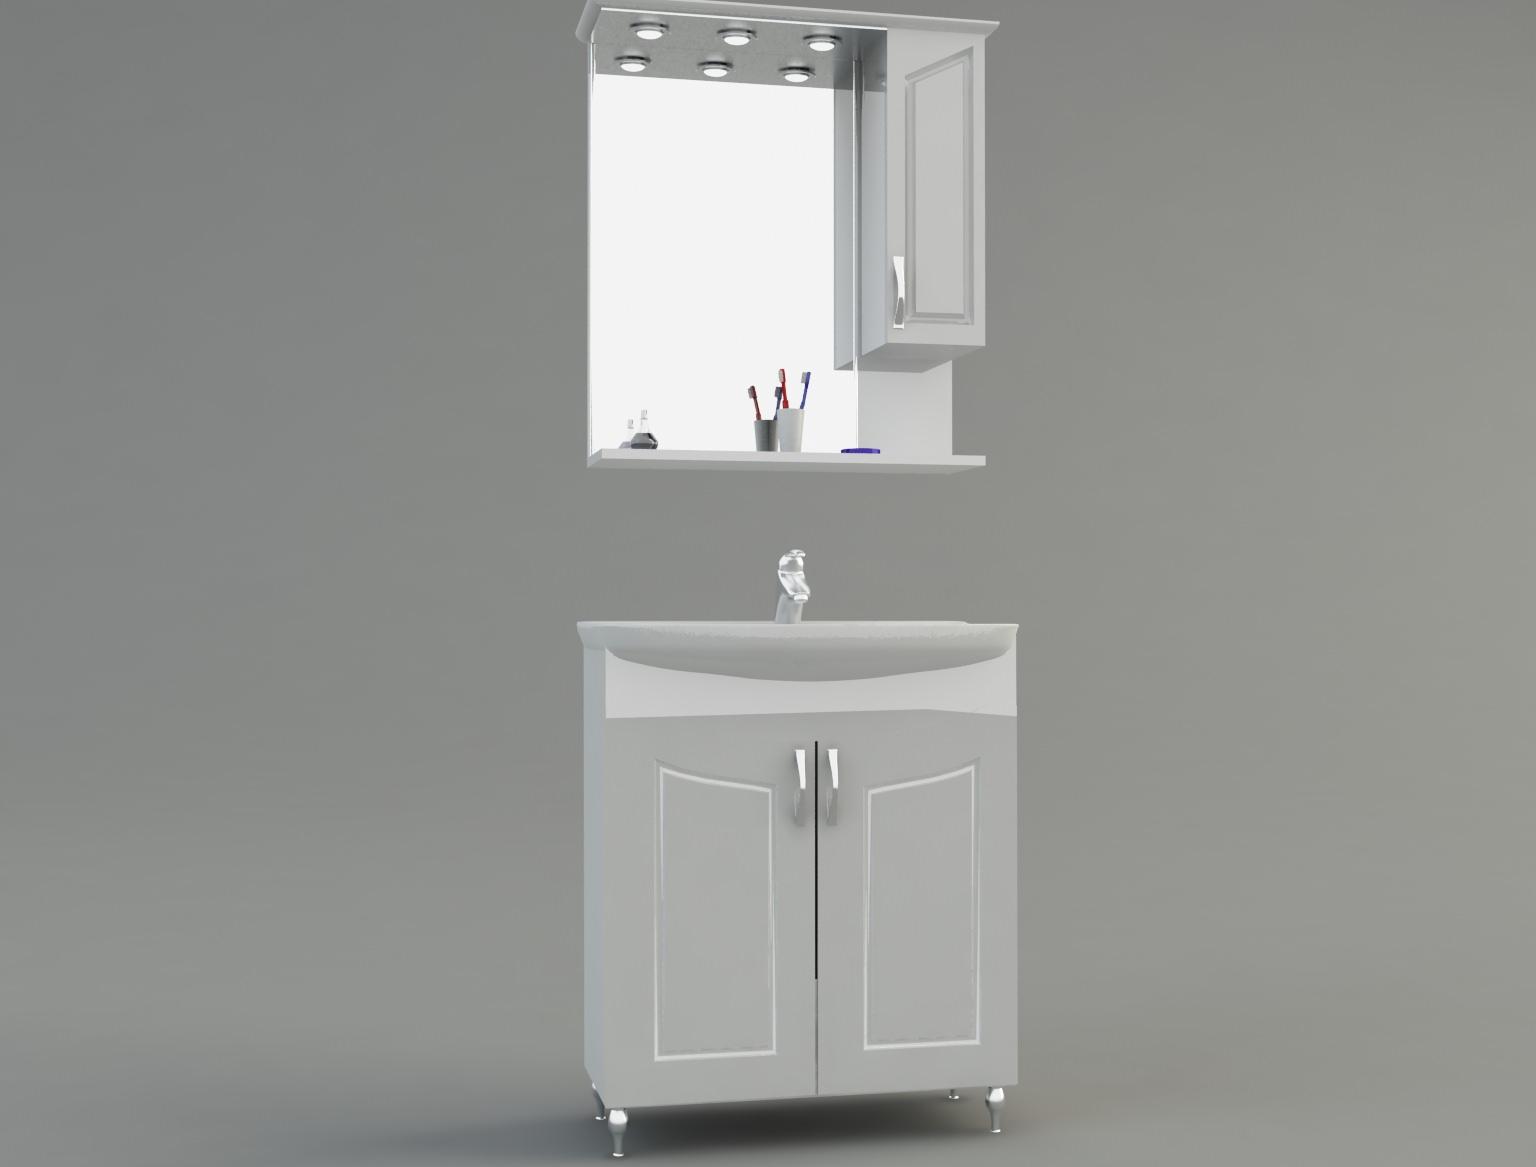 Bathroom Cabinet 3d Model Max